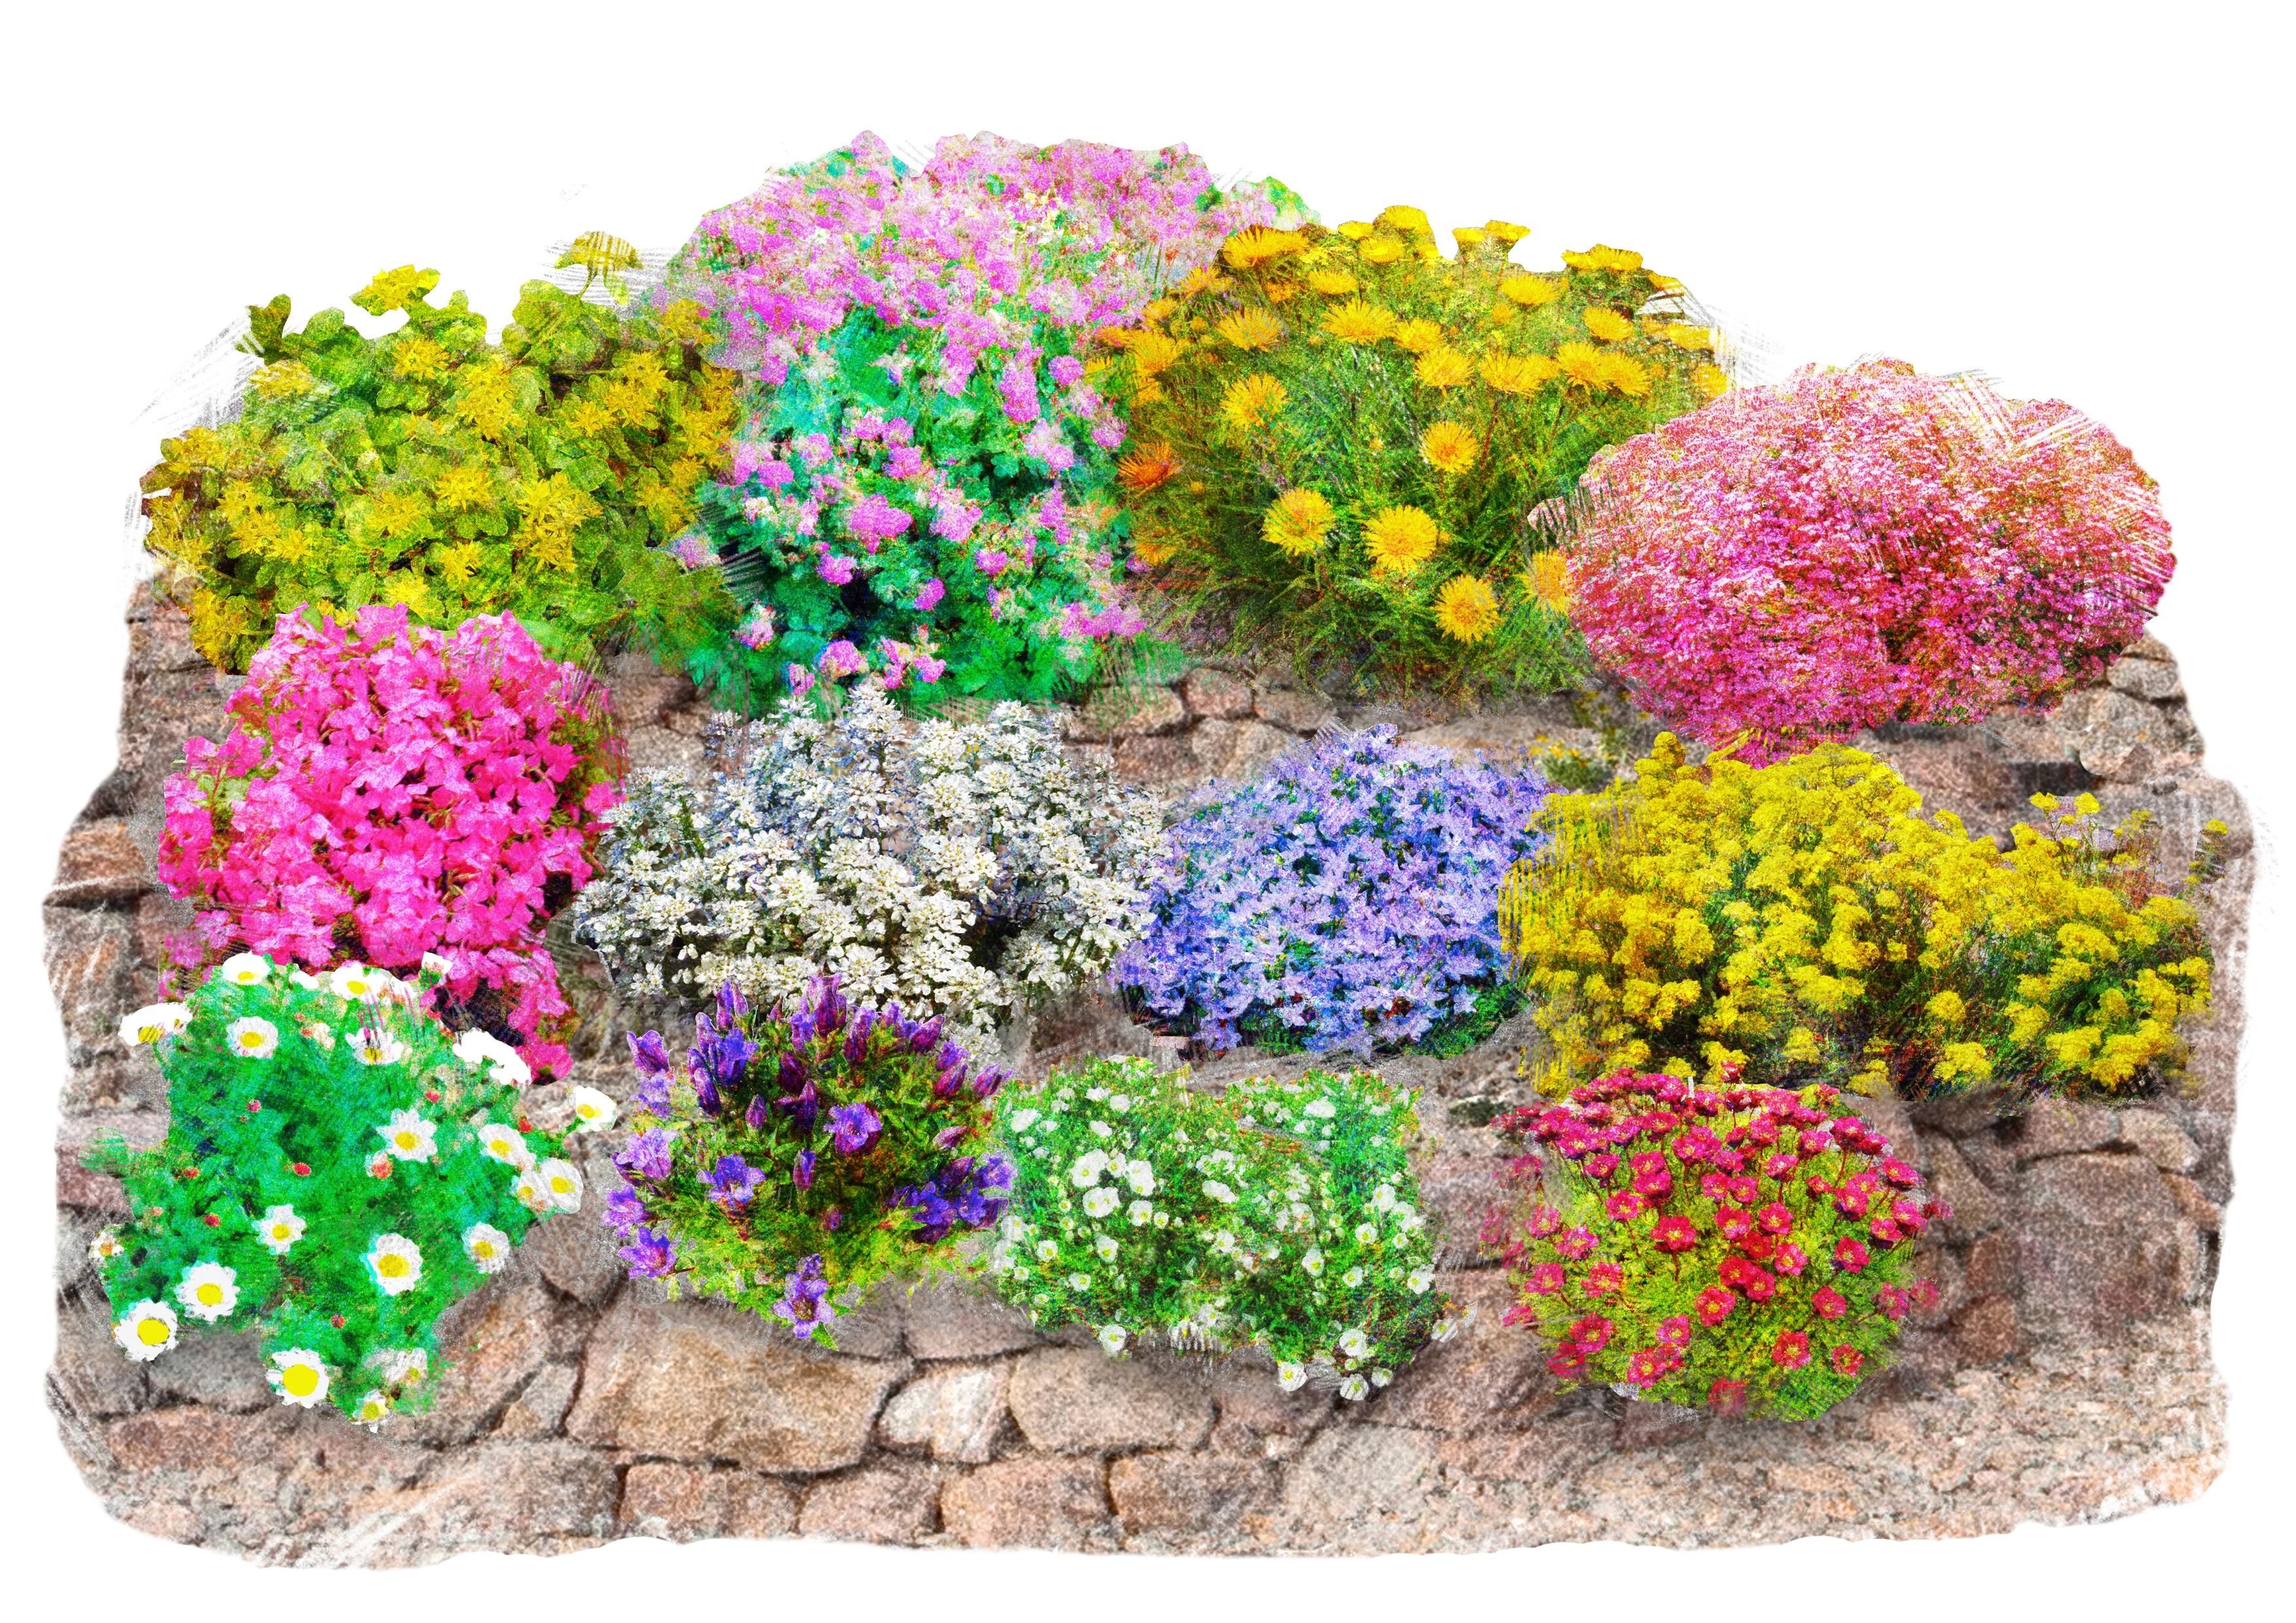 Beet & Balkonpflanze »Trockenmauer-Set« | Garten > Balkon > Balkon-Sets | Bunt | QUELLE